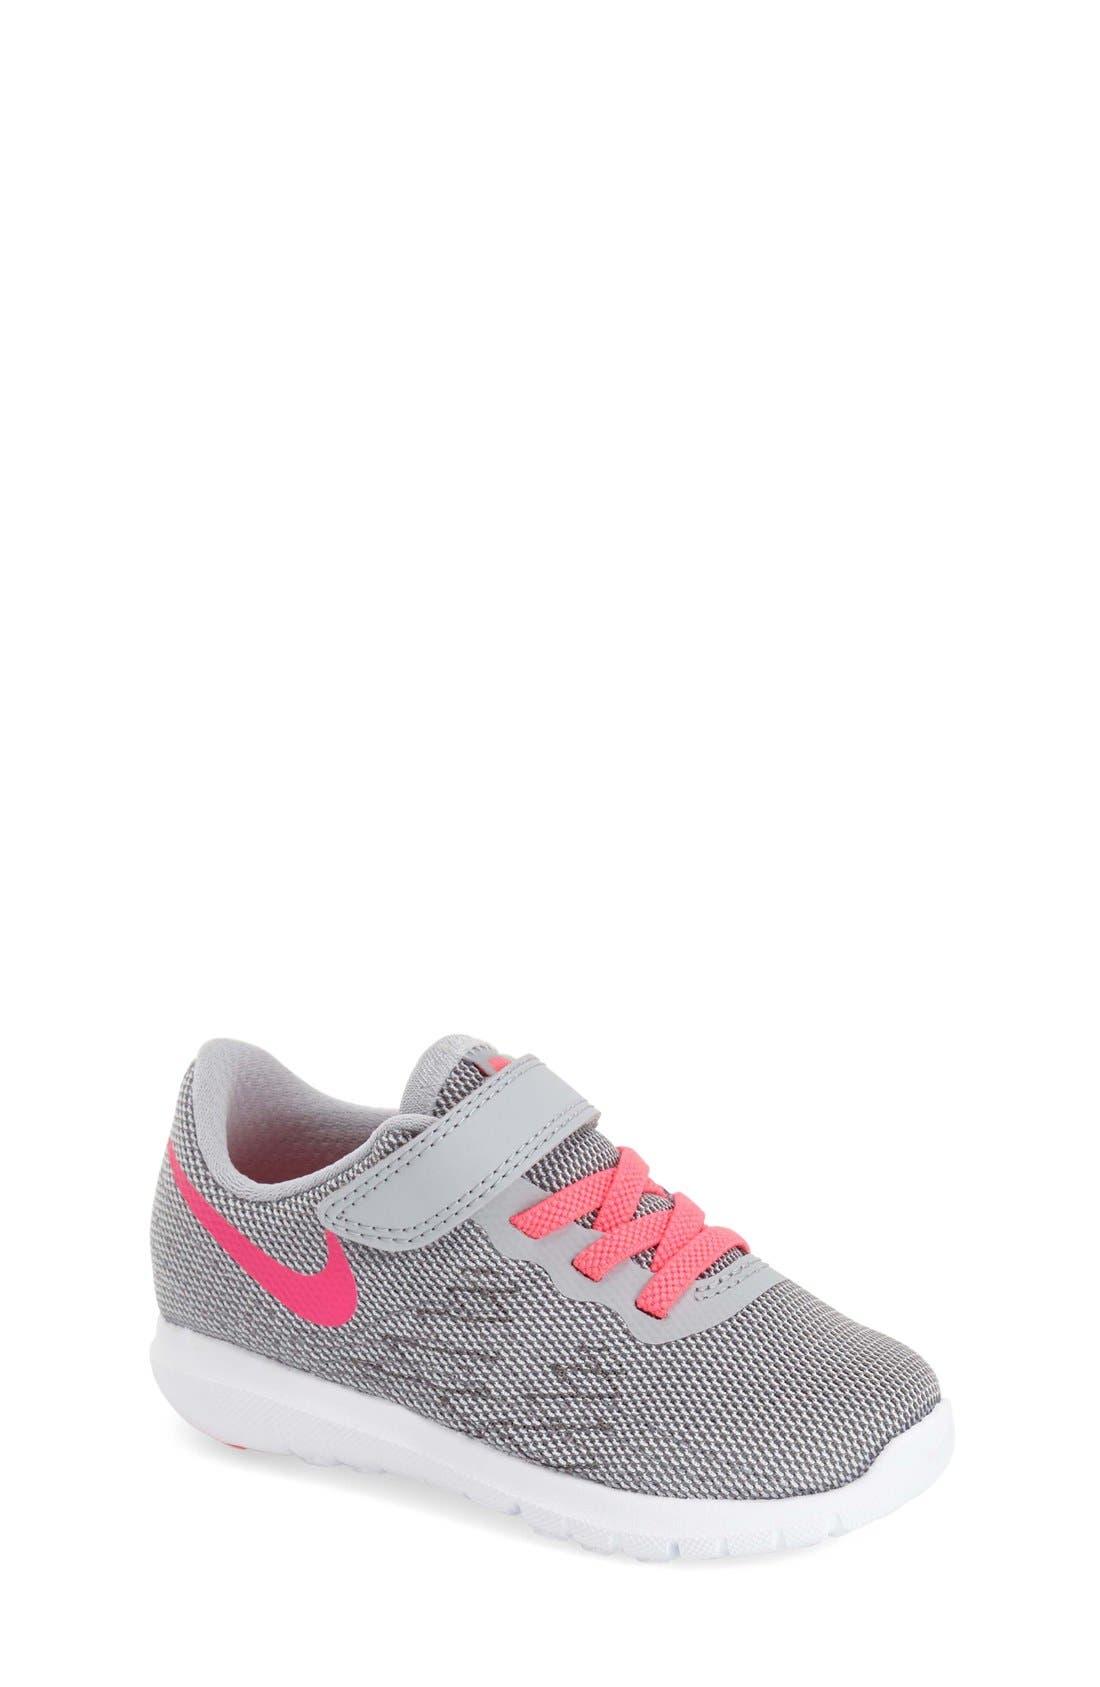 Flex Fury 2 Athletic Shoe,                         Main,                         color, 020